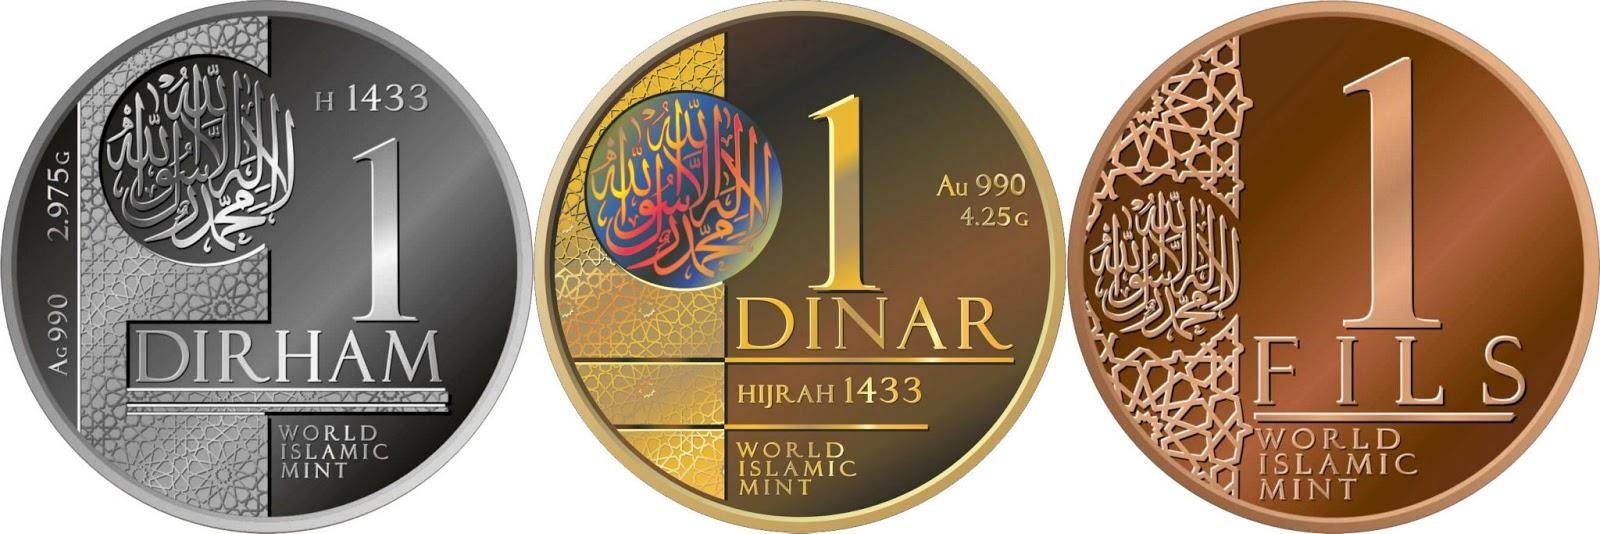 dinar dirham Klik sini untuk sertai sekarang pendaftaran dinar dirham akan diberi web replika automatik berfungsi 24 jam – mudahkan usaha pemasaran.